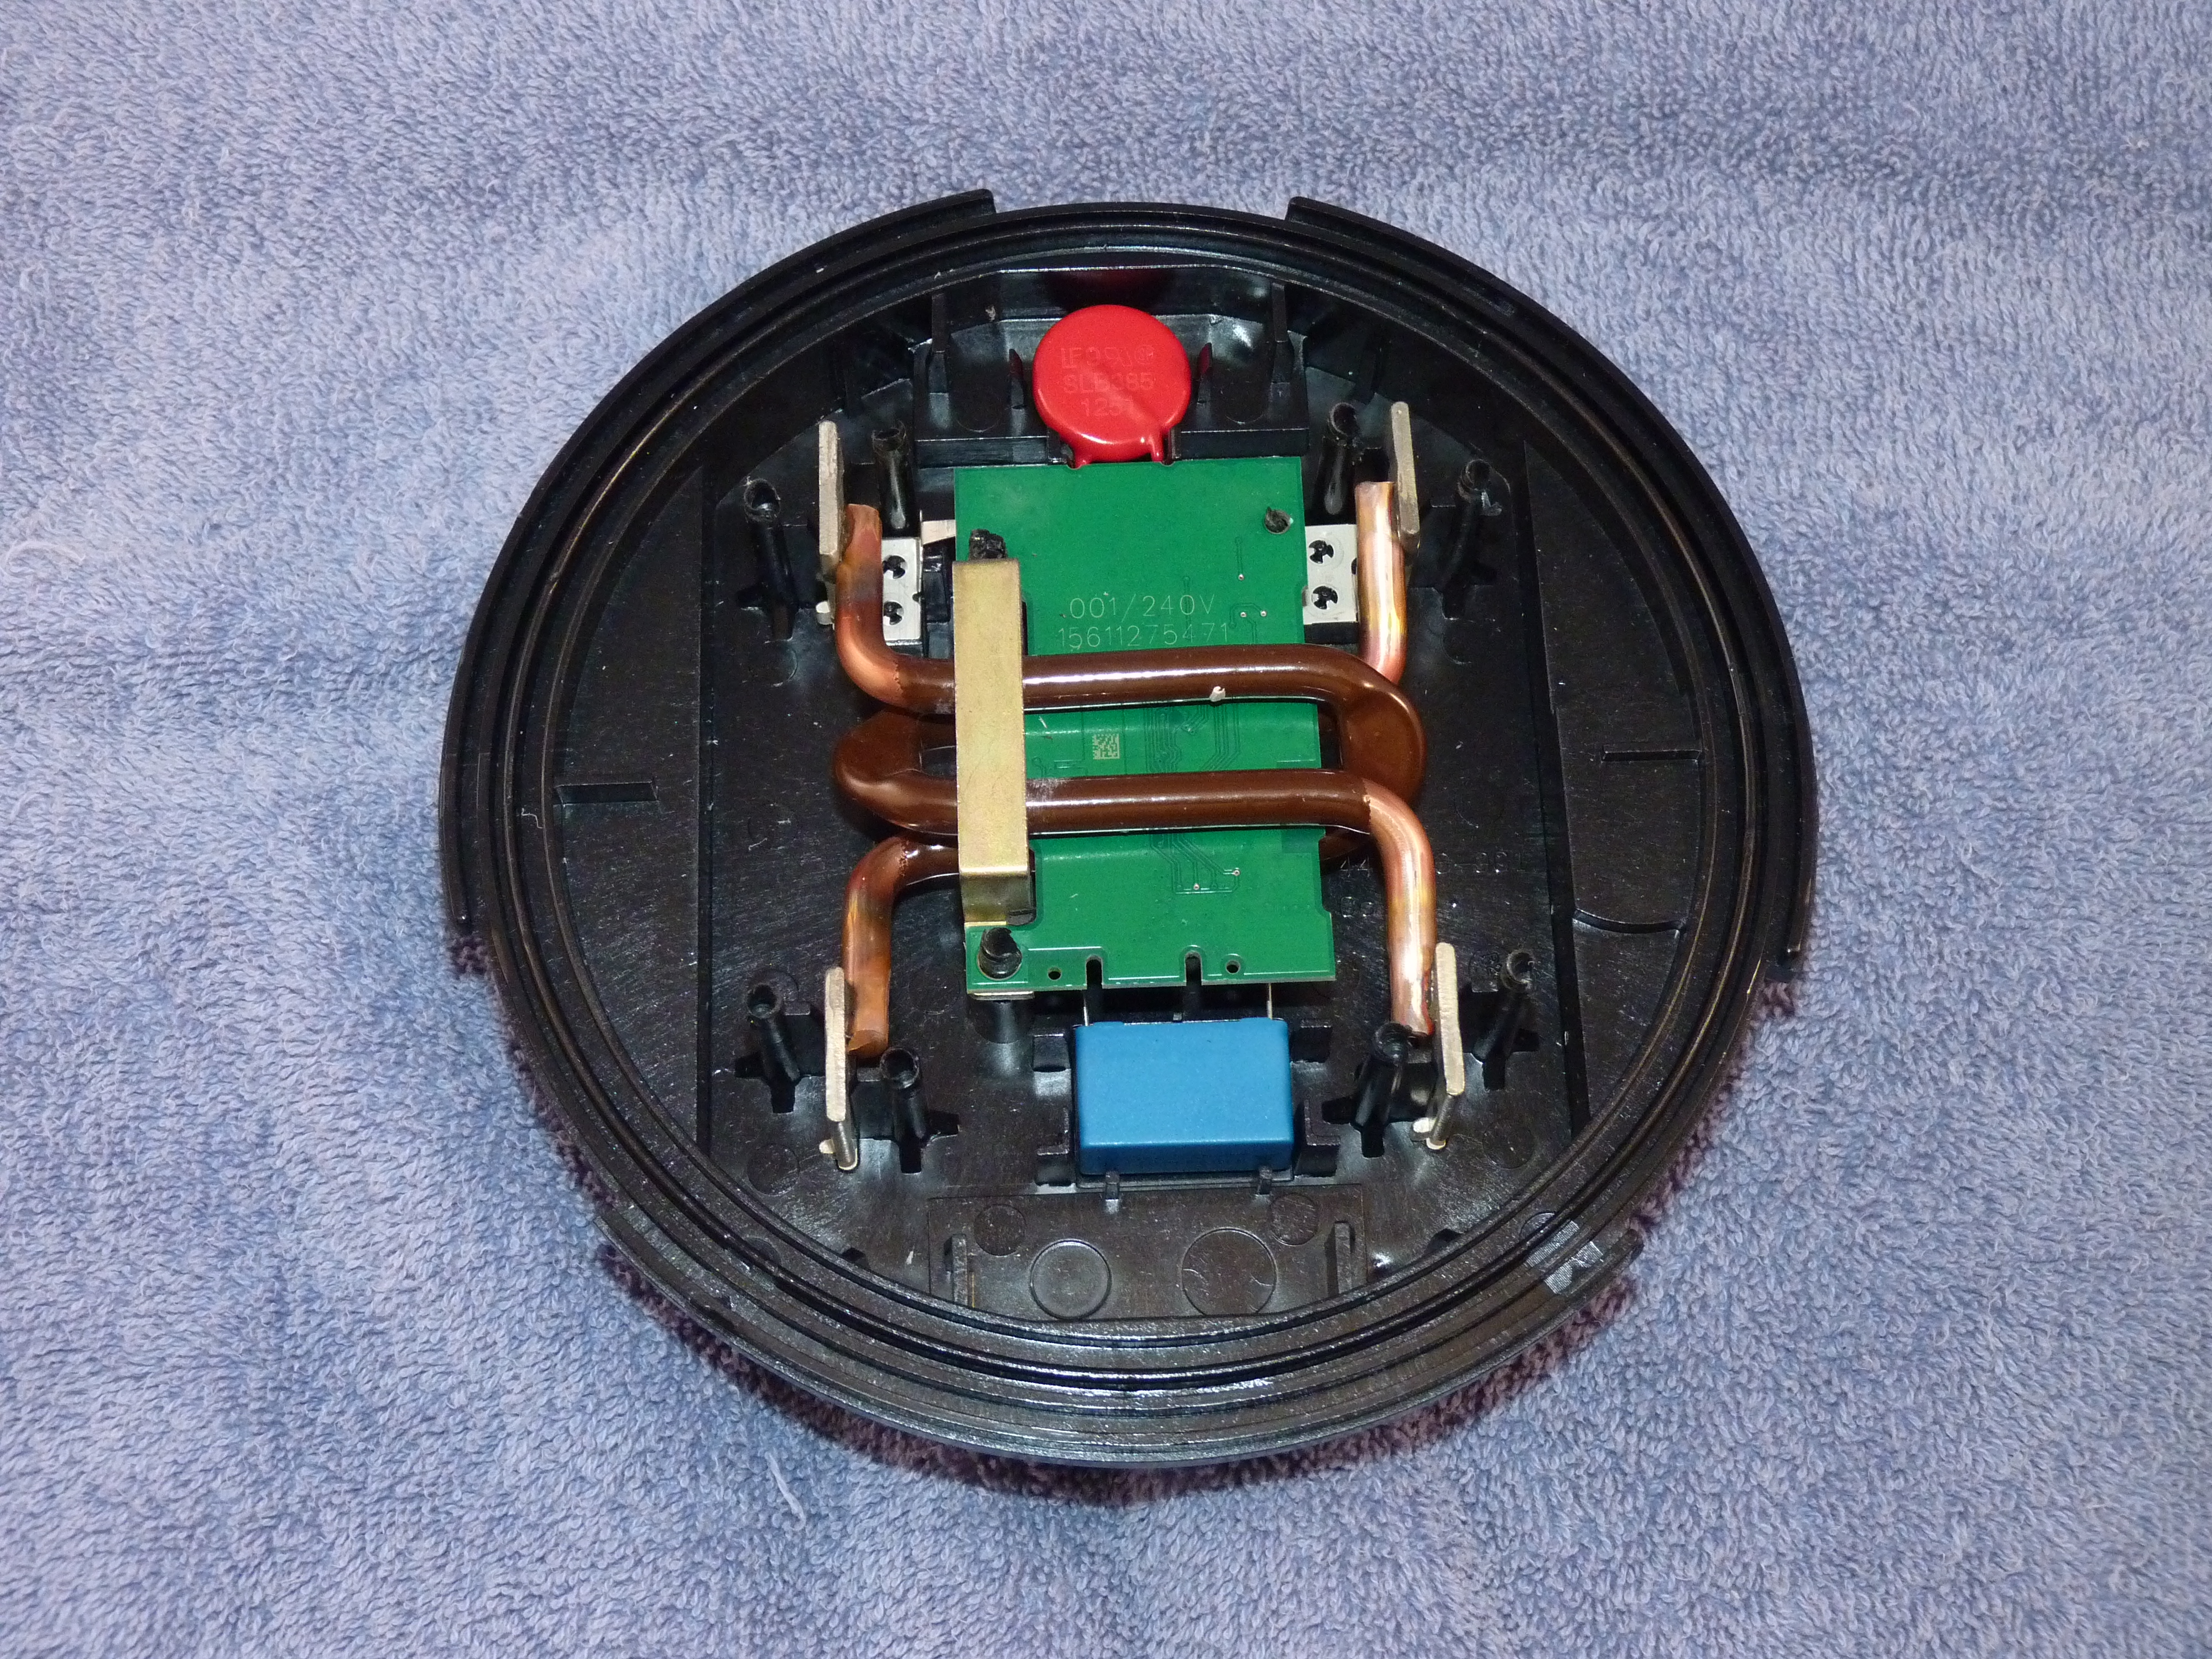 Centron Solar Meter Wiring Diagram Library Photovoltaic Itron Digital Breadown Photos 9